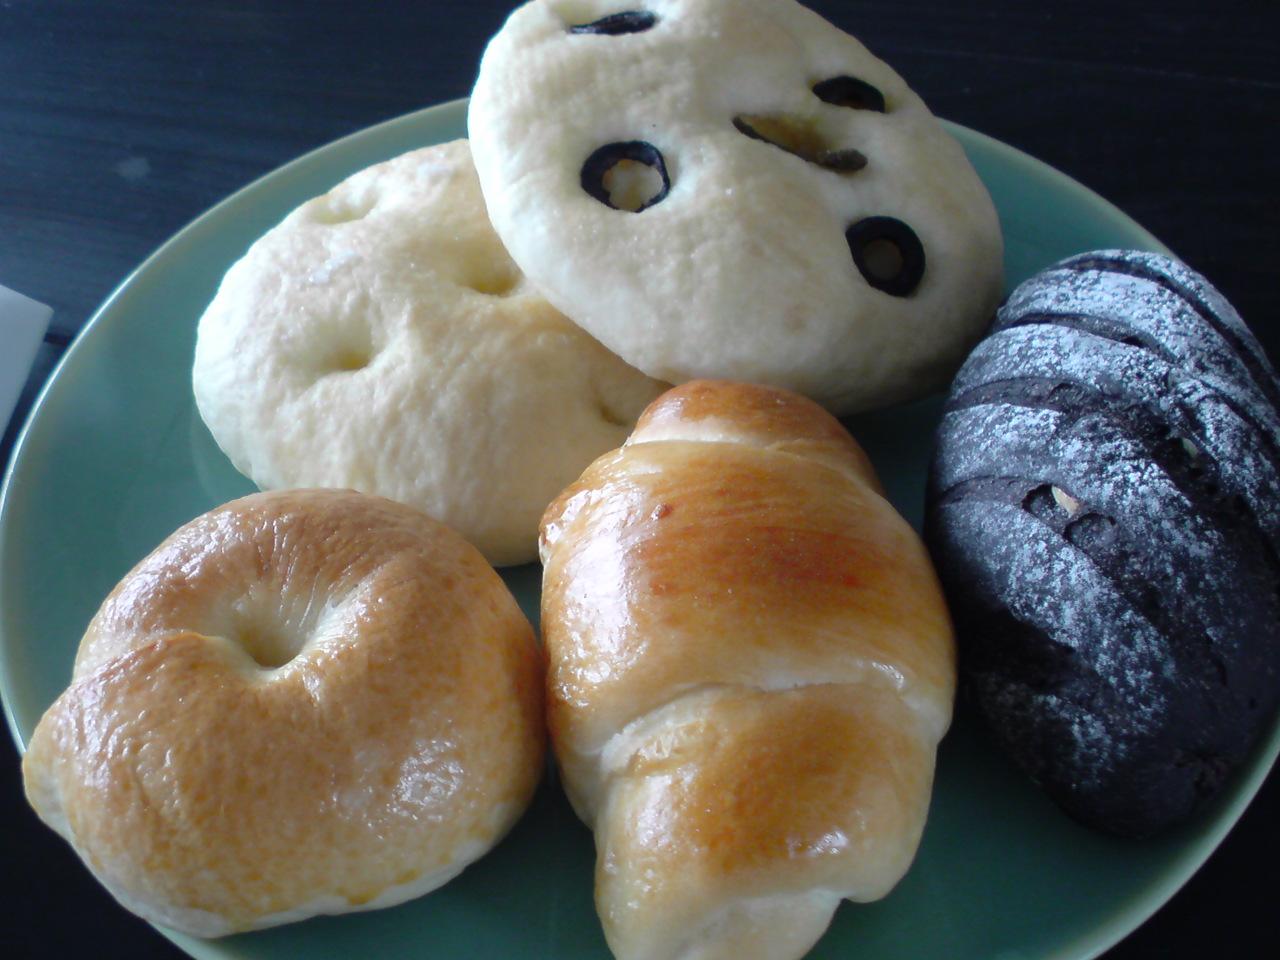 高源製パン所